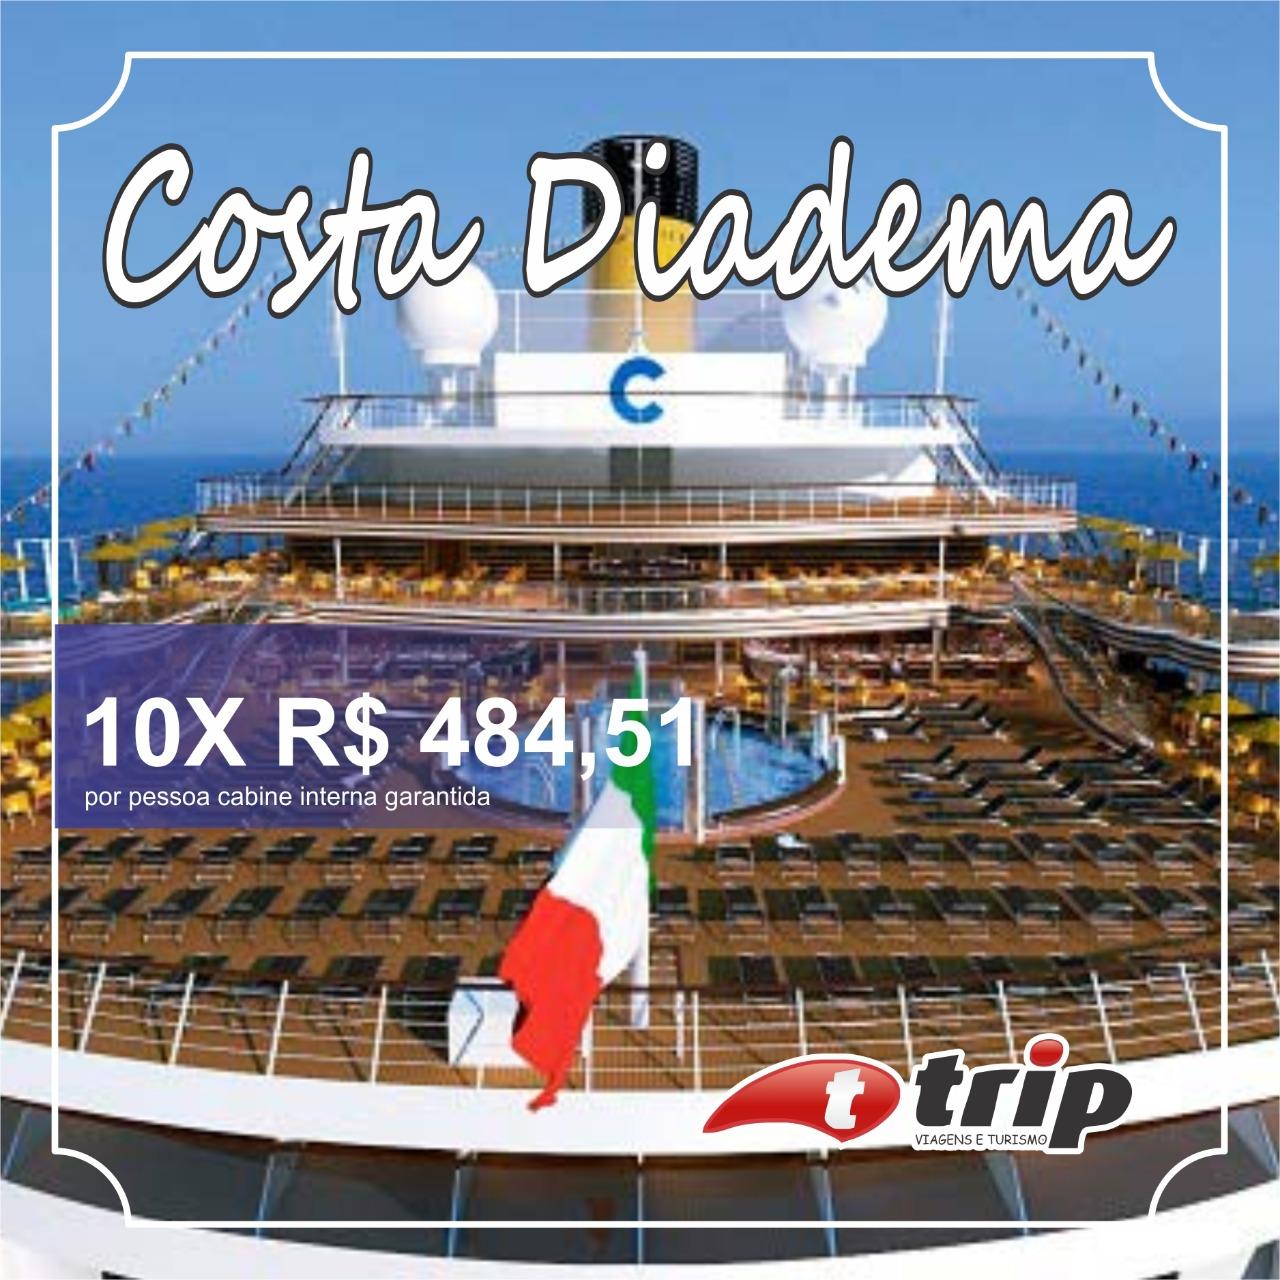 Promoção Costa Diadema